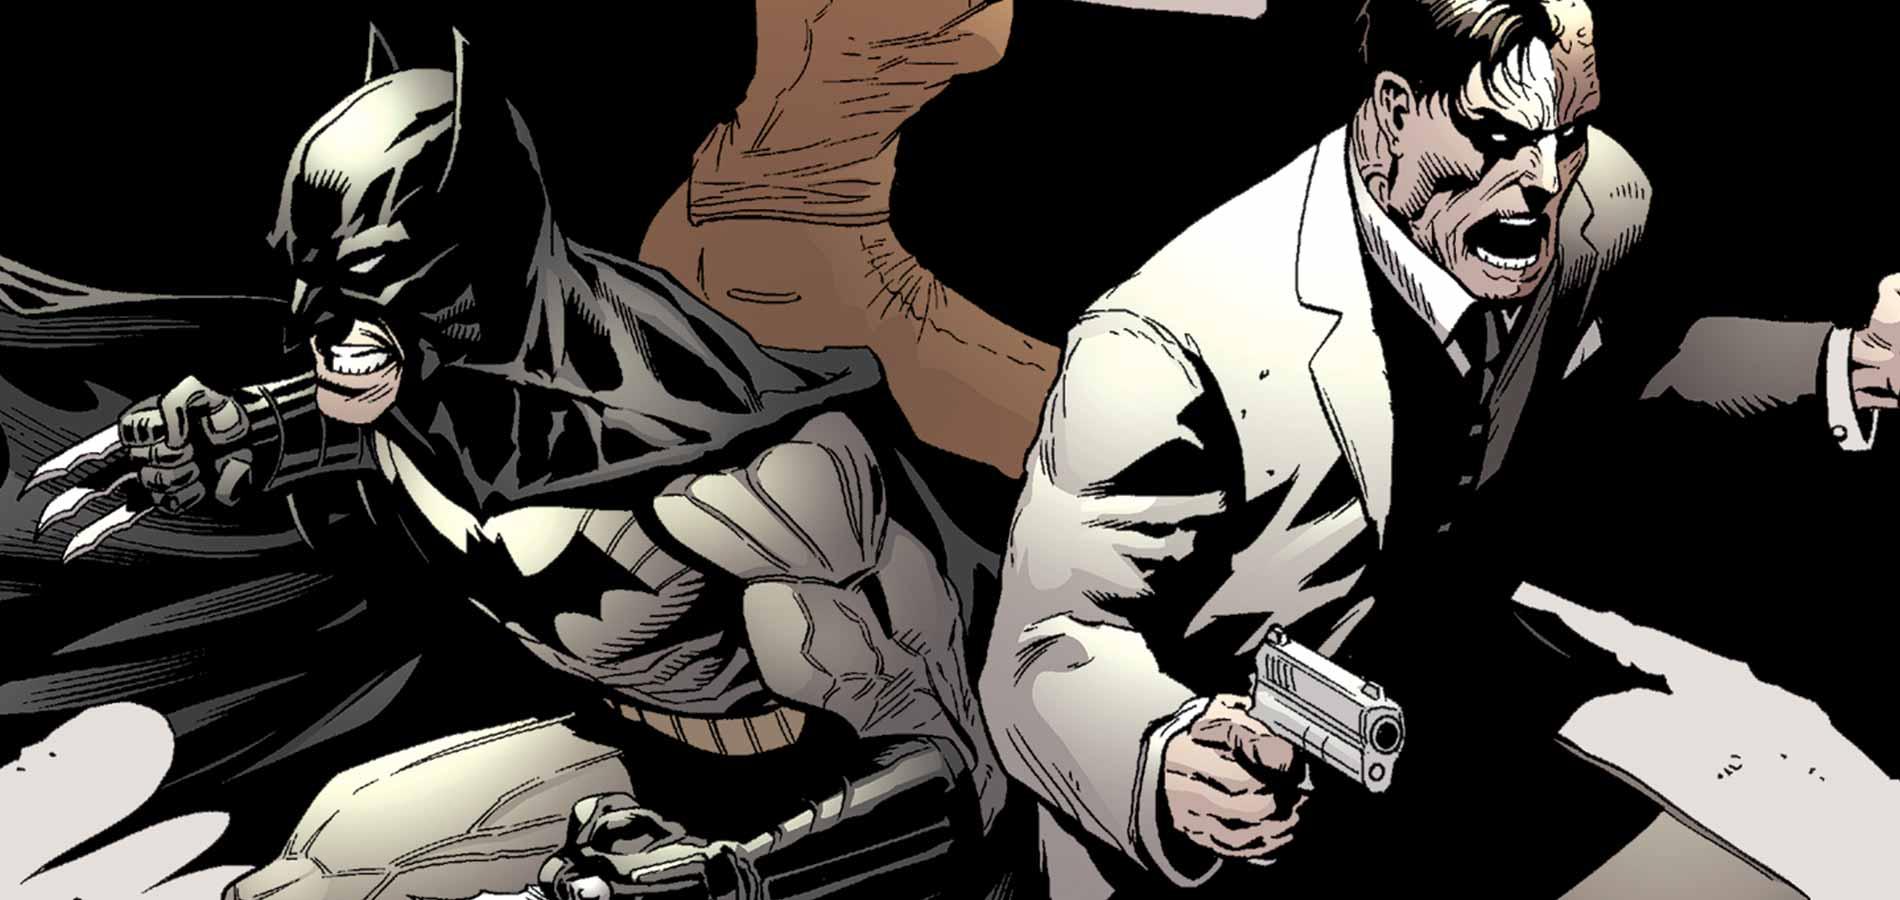 Qui interprète Double-Face dans Batman Forever ?